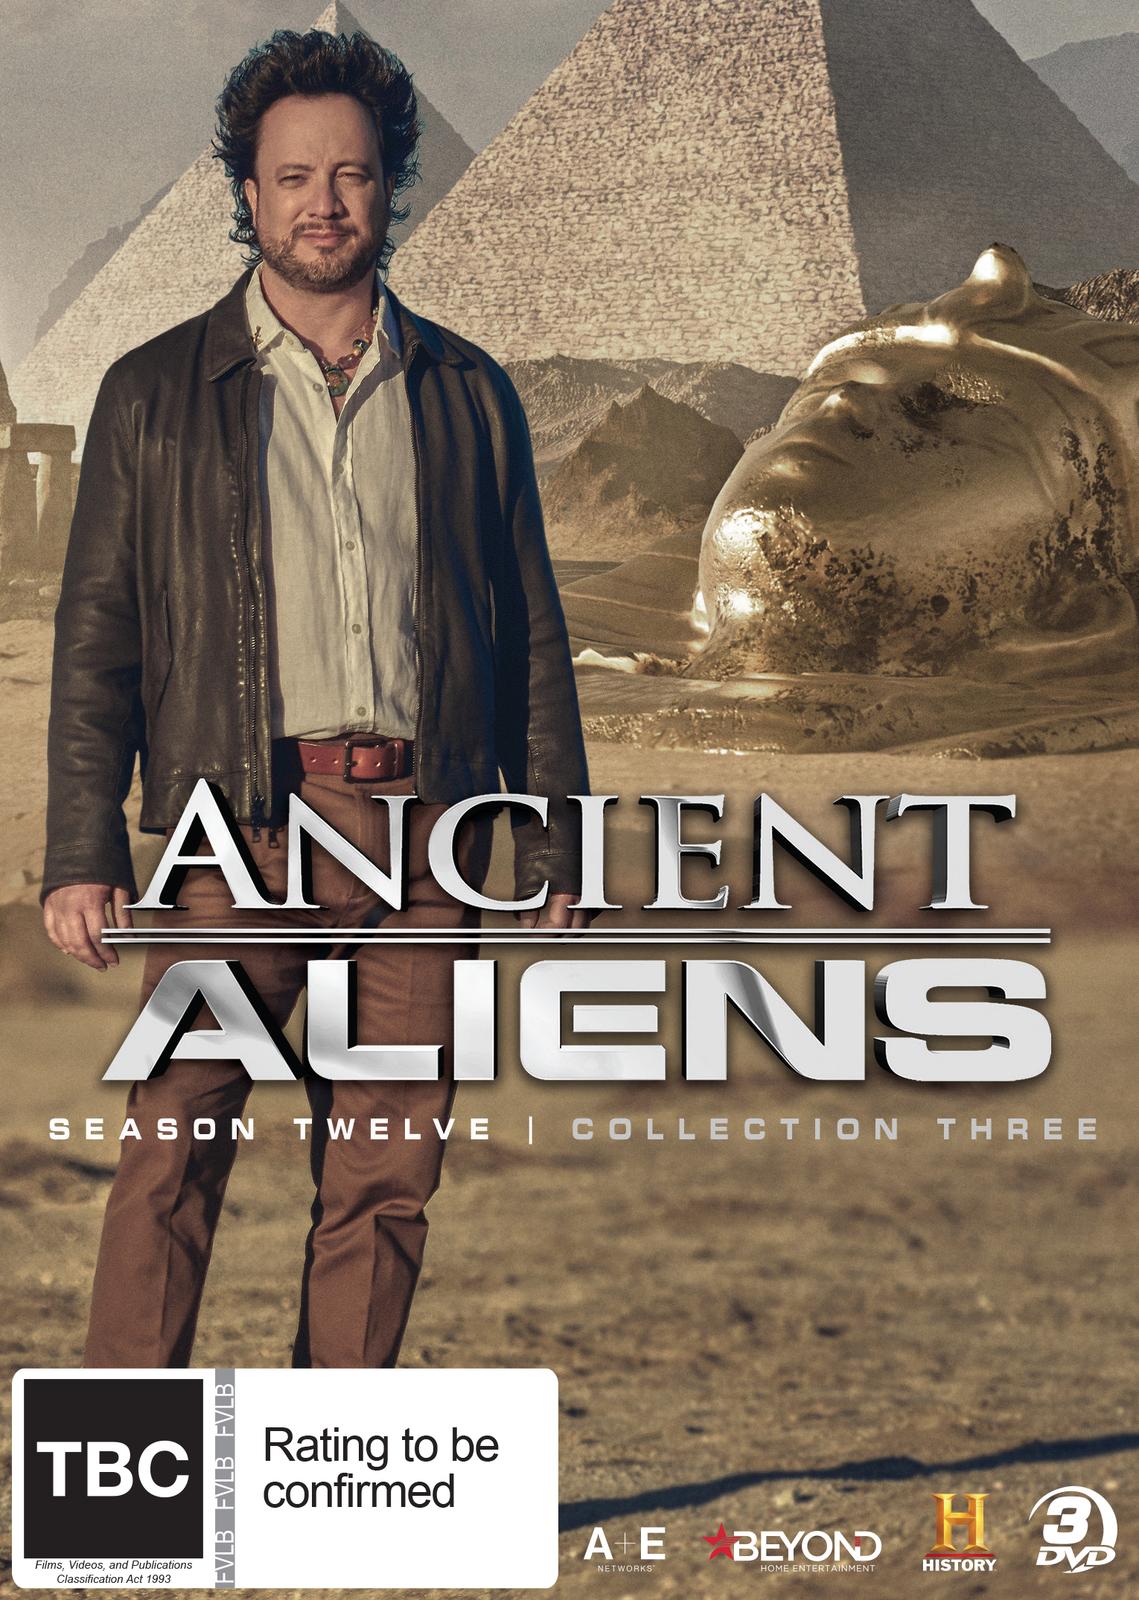 Ancient Aliens Season 3 release date